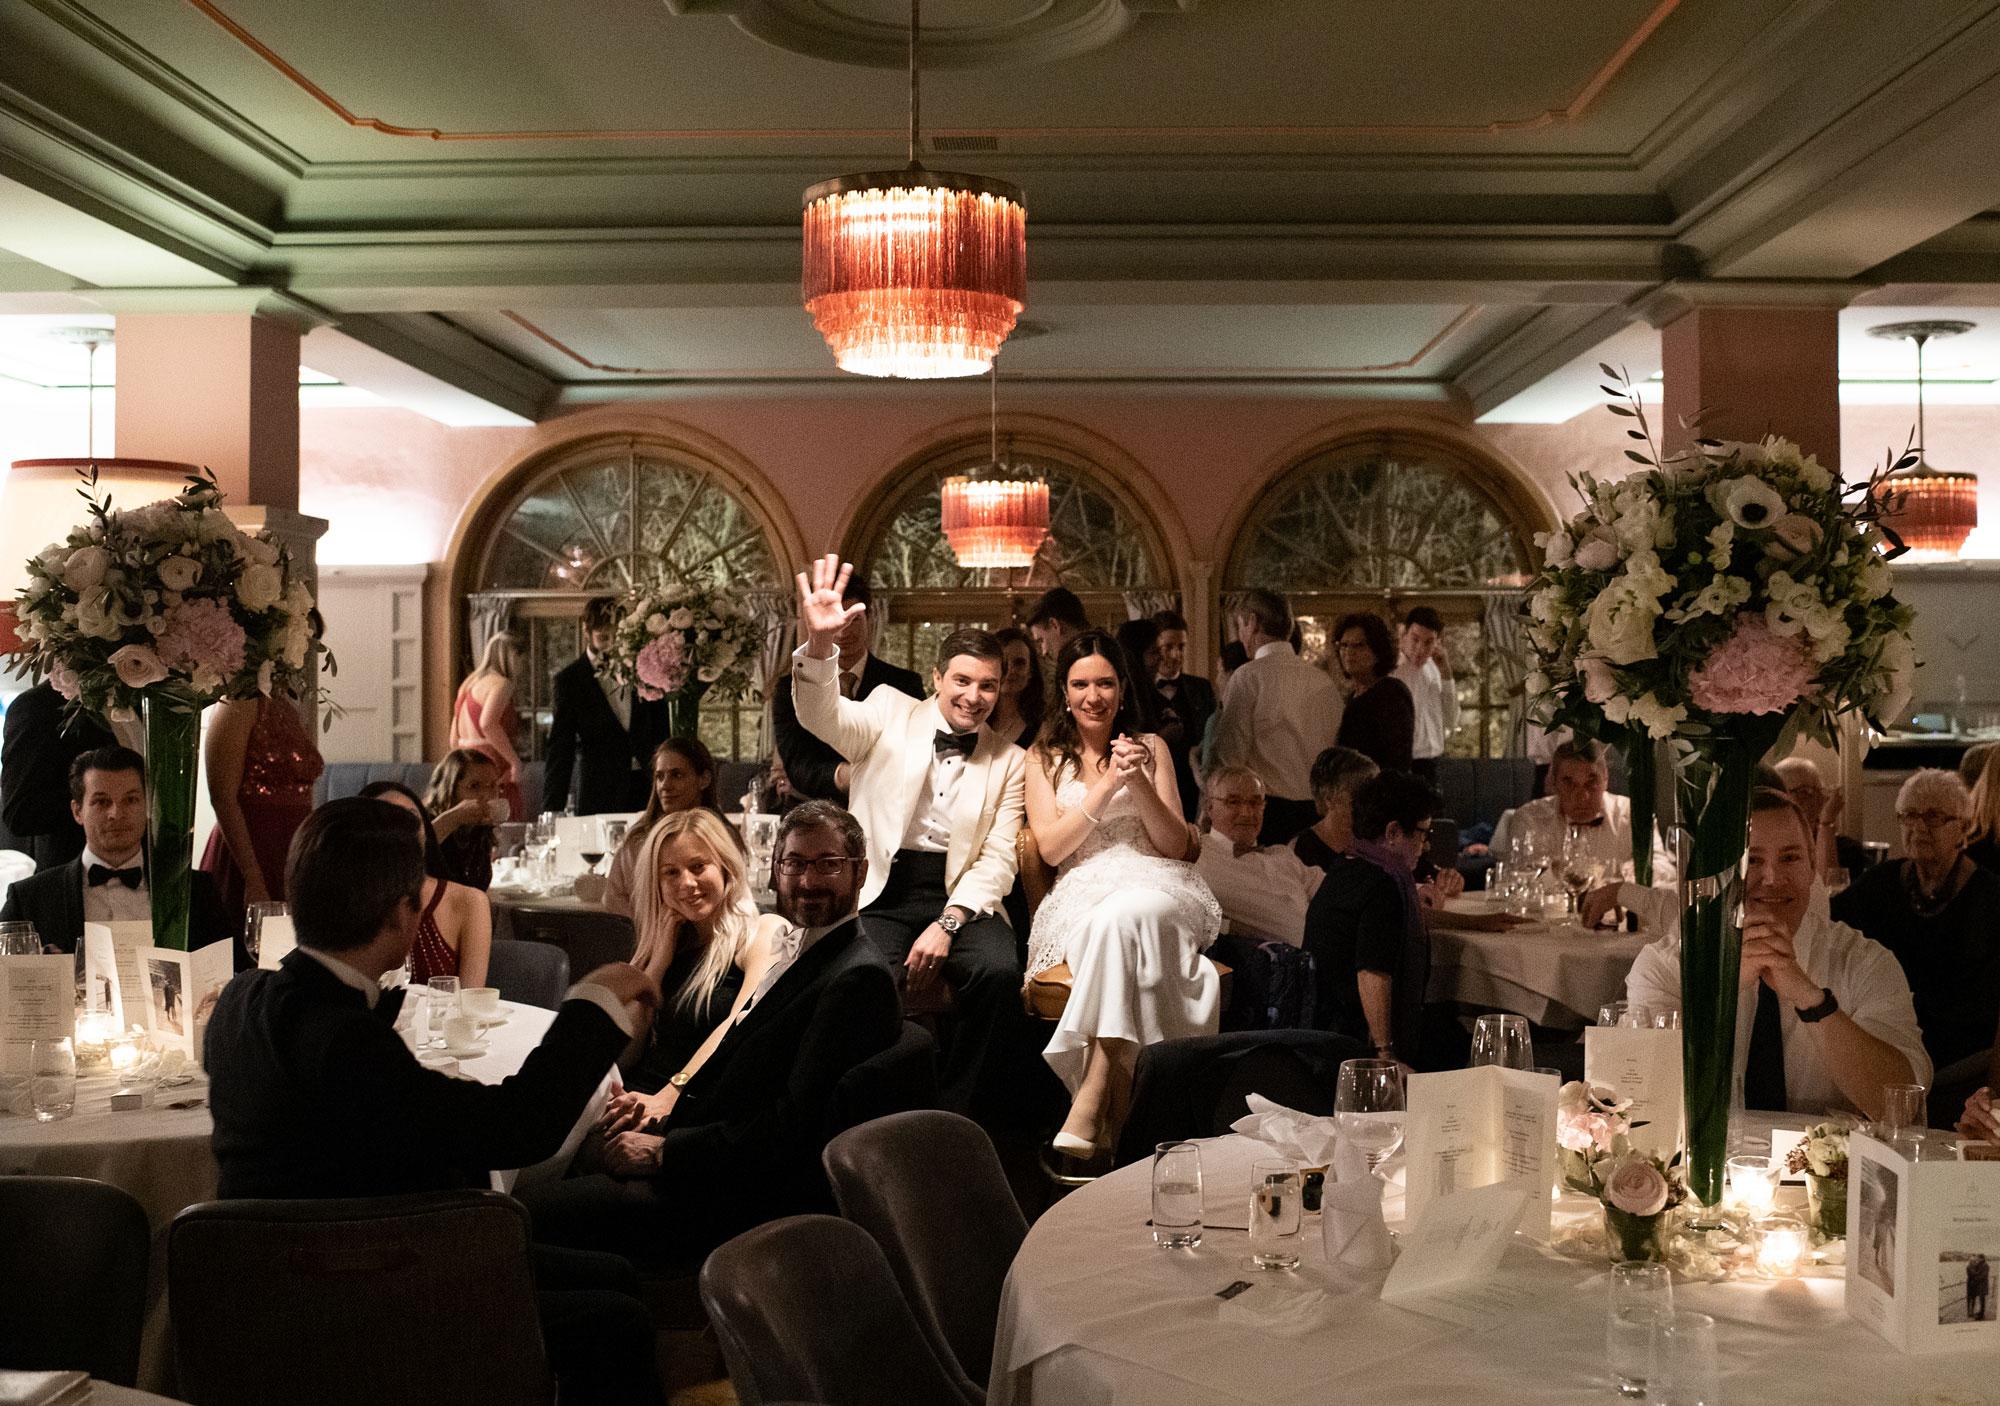 karin_tom_Gstaad_wedding-36.jpg